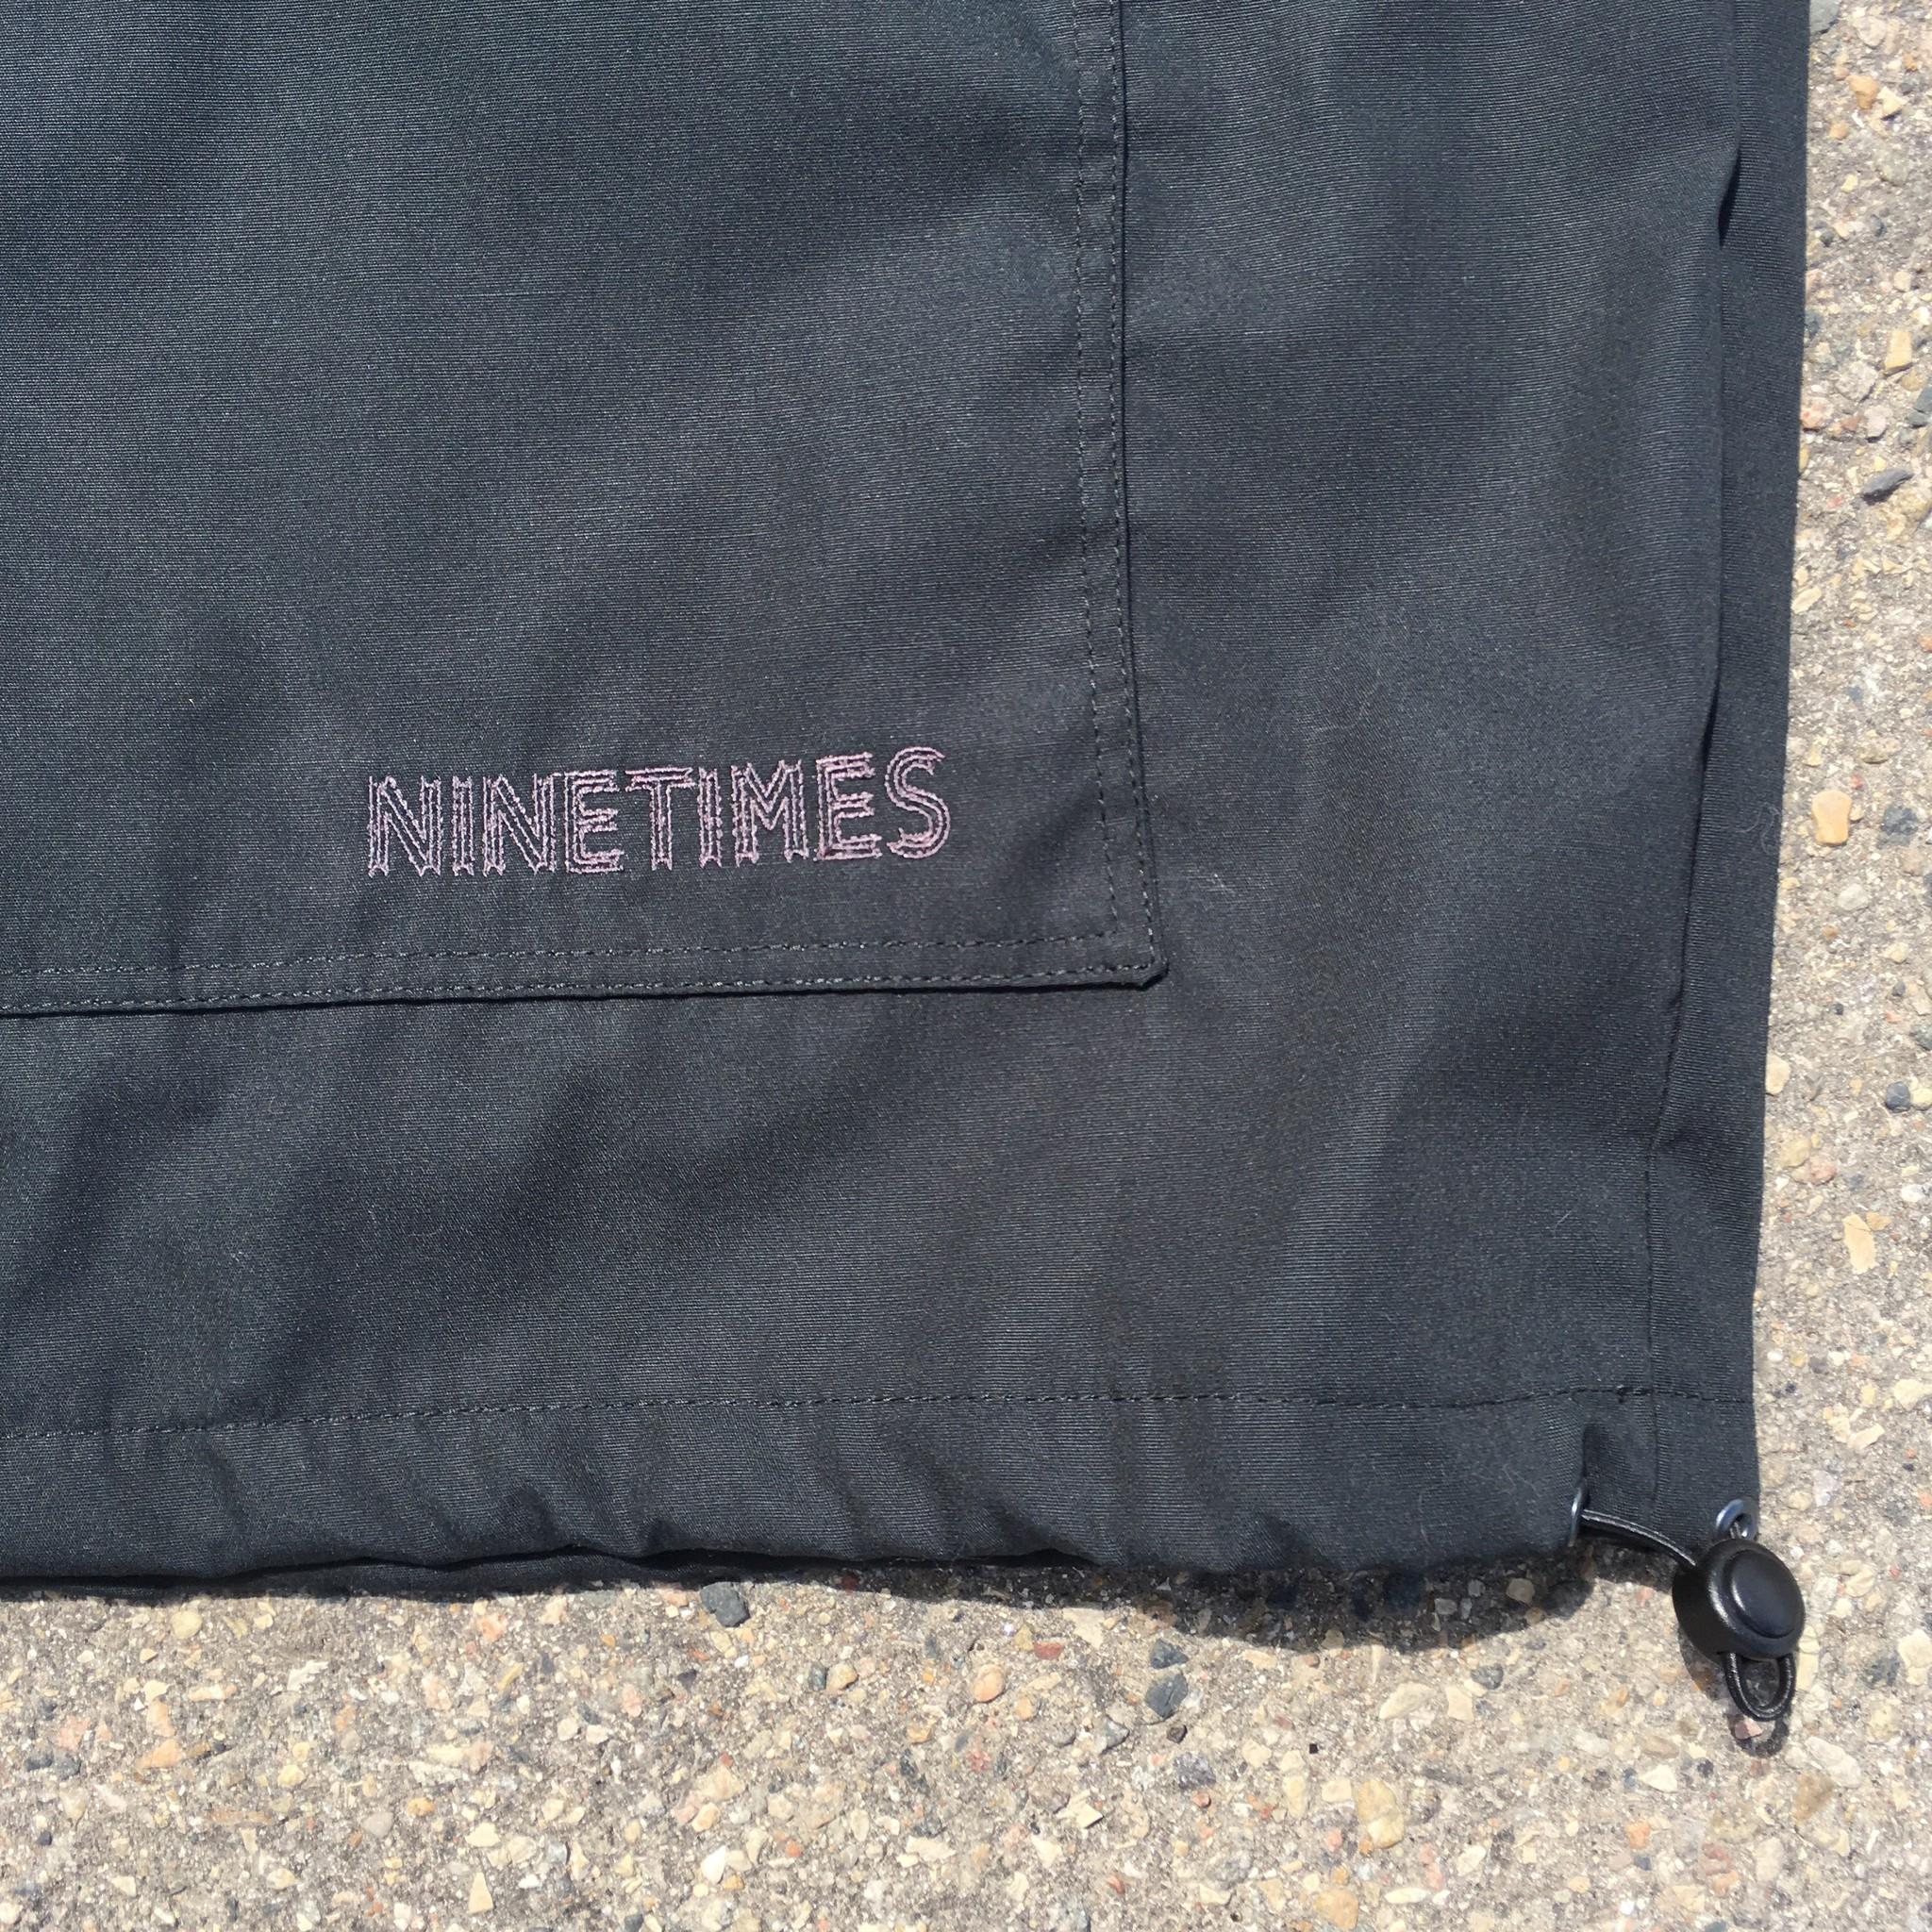 Ninetimes Ninetimes Anorak Jacket - Black/Black